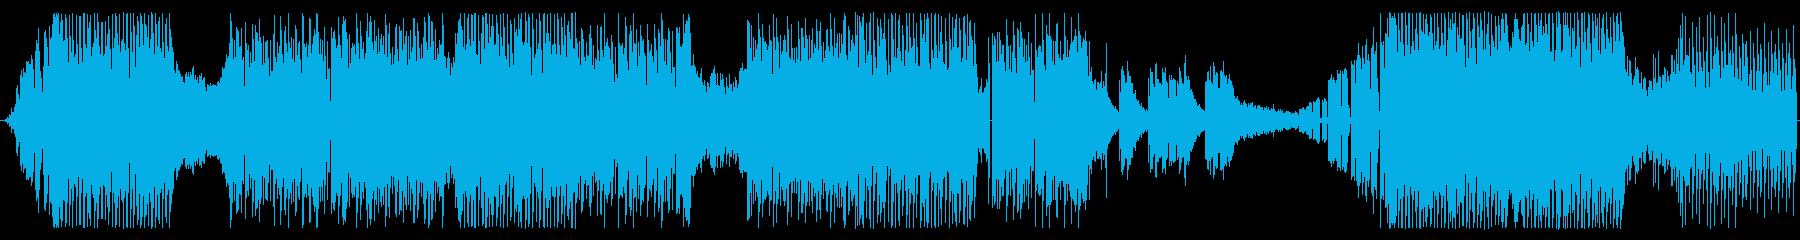 キャッチ―でシリアスなテクノ系EDMの再生済みの波形